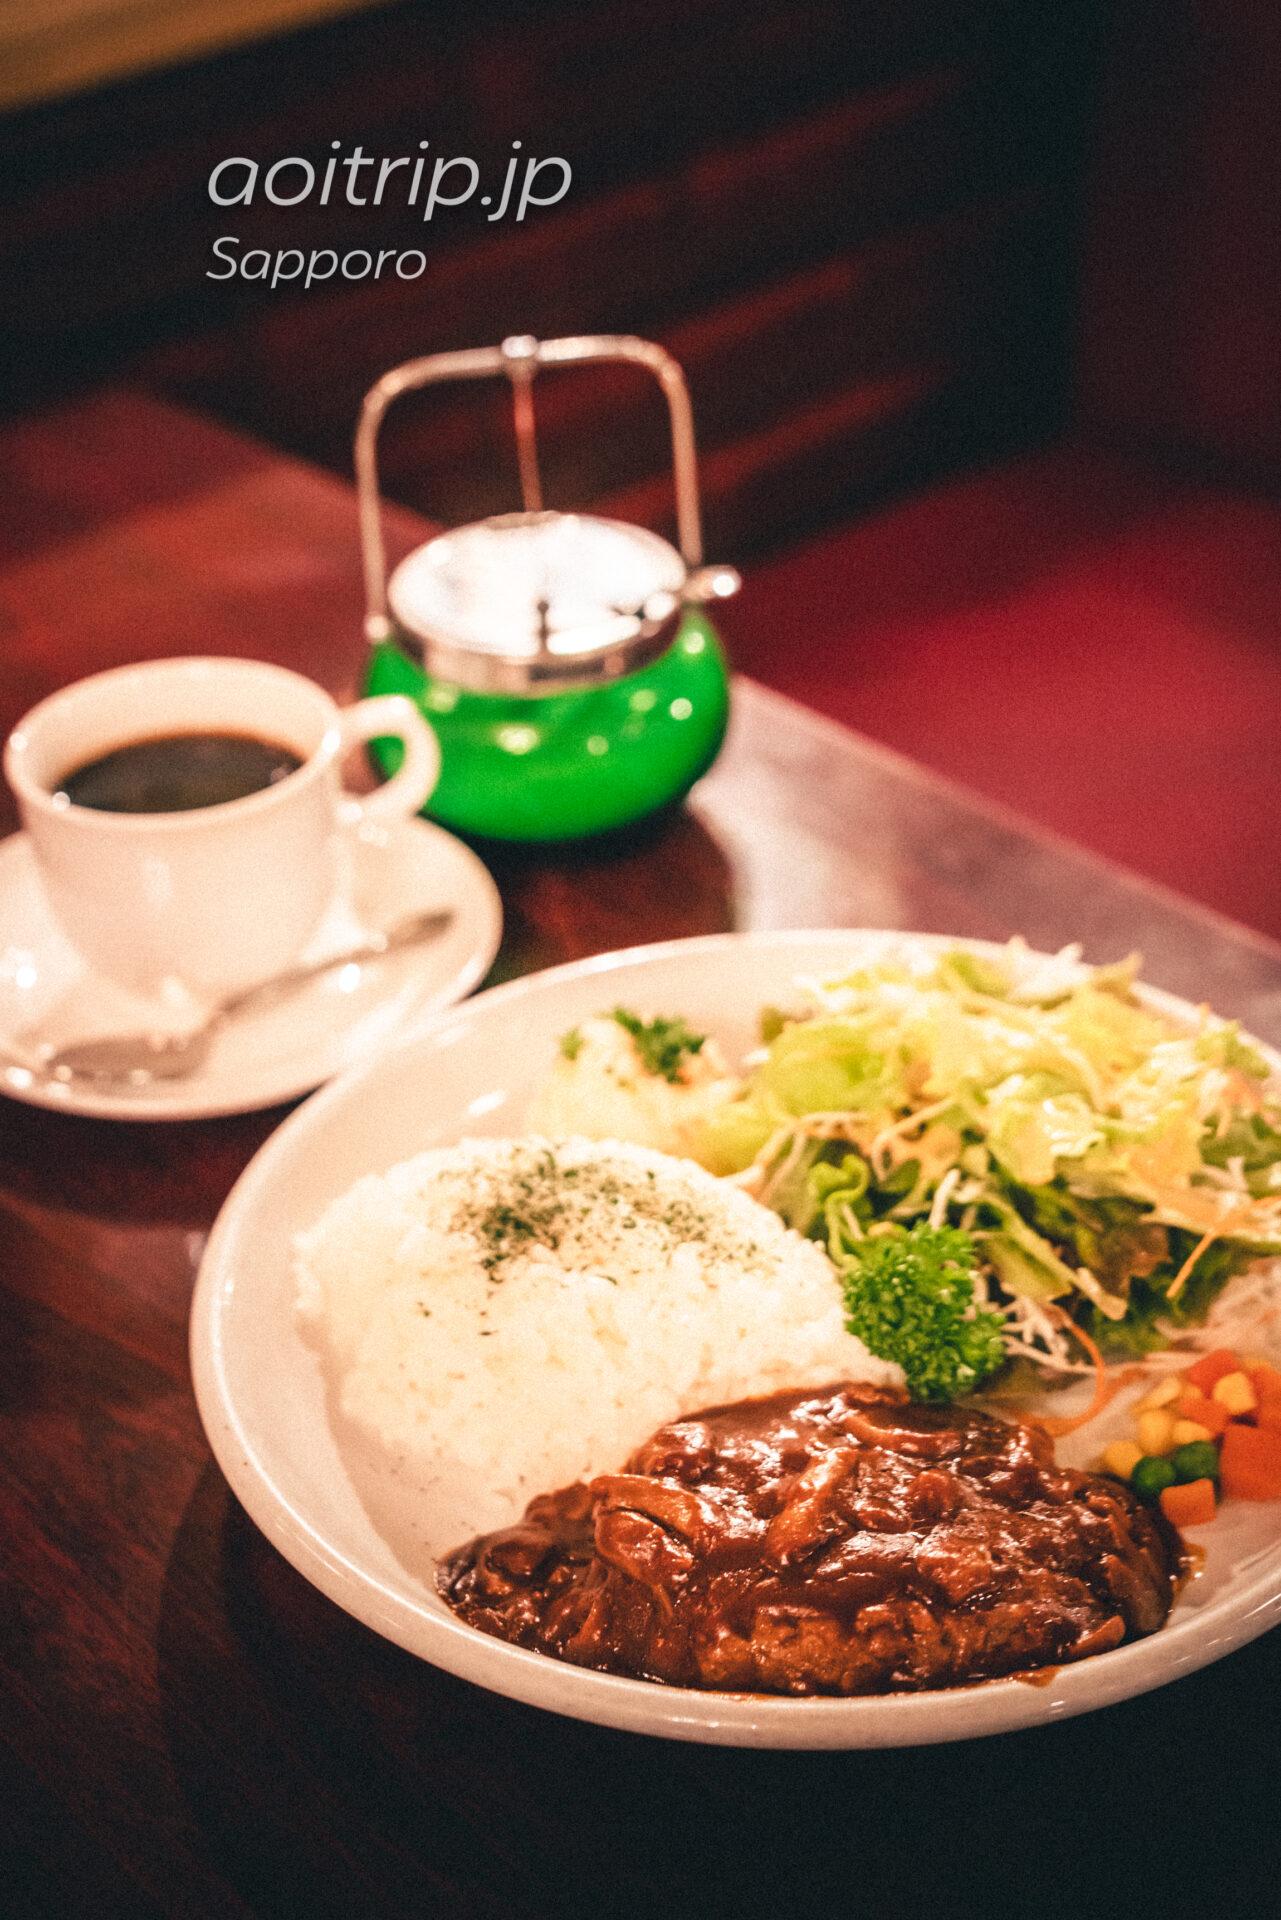 札幌 純喫茶オリンピア ランチのきのこハンバーグ